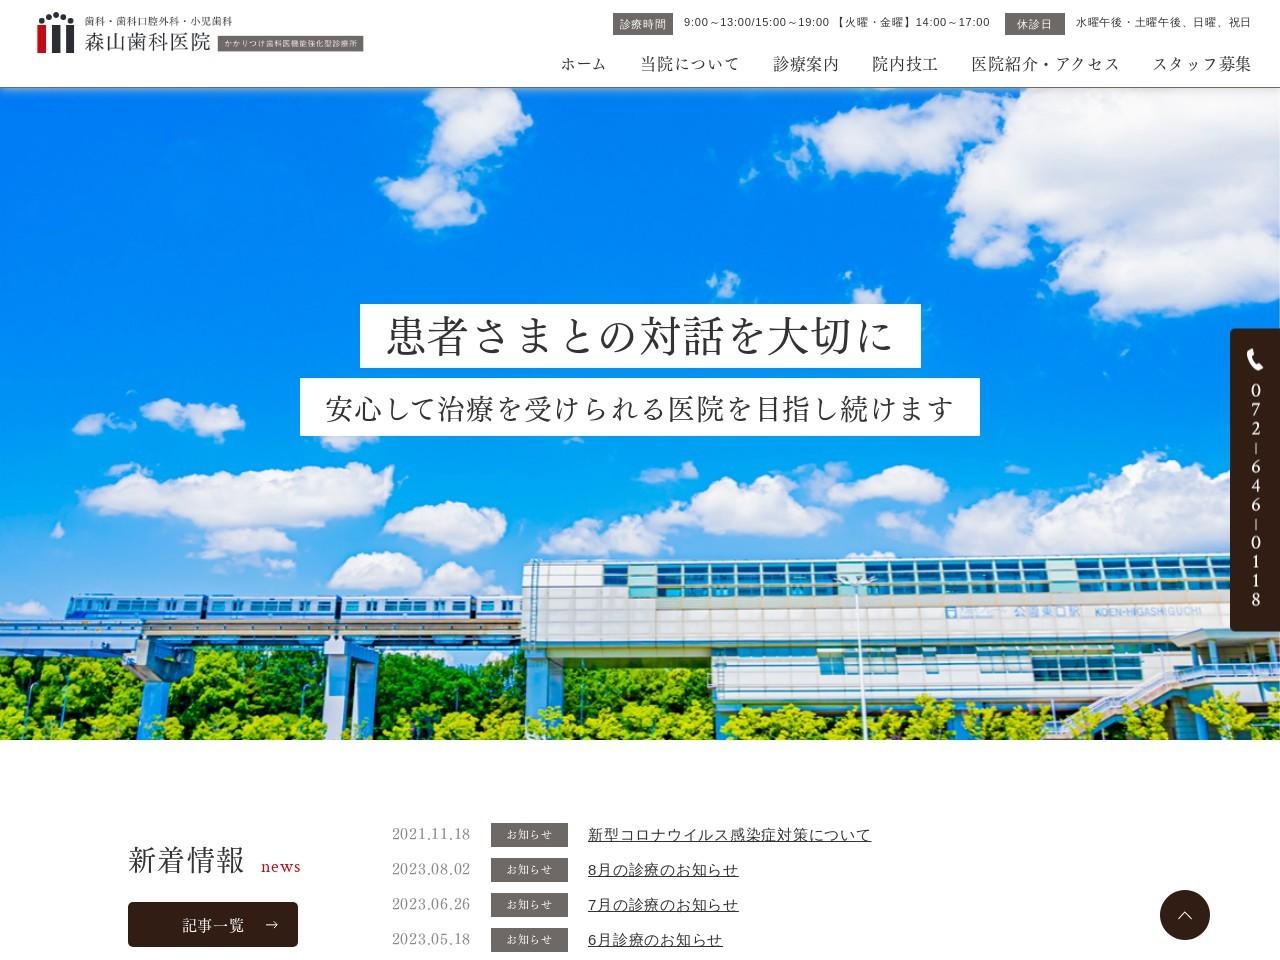 森山歯科医院 (大阪府茨木市)